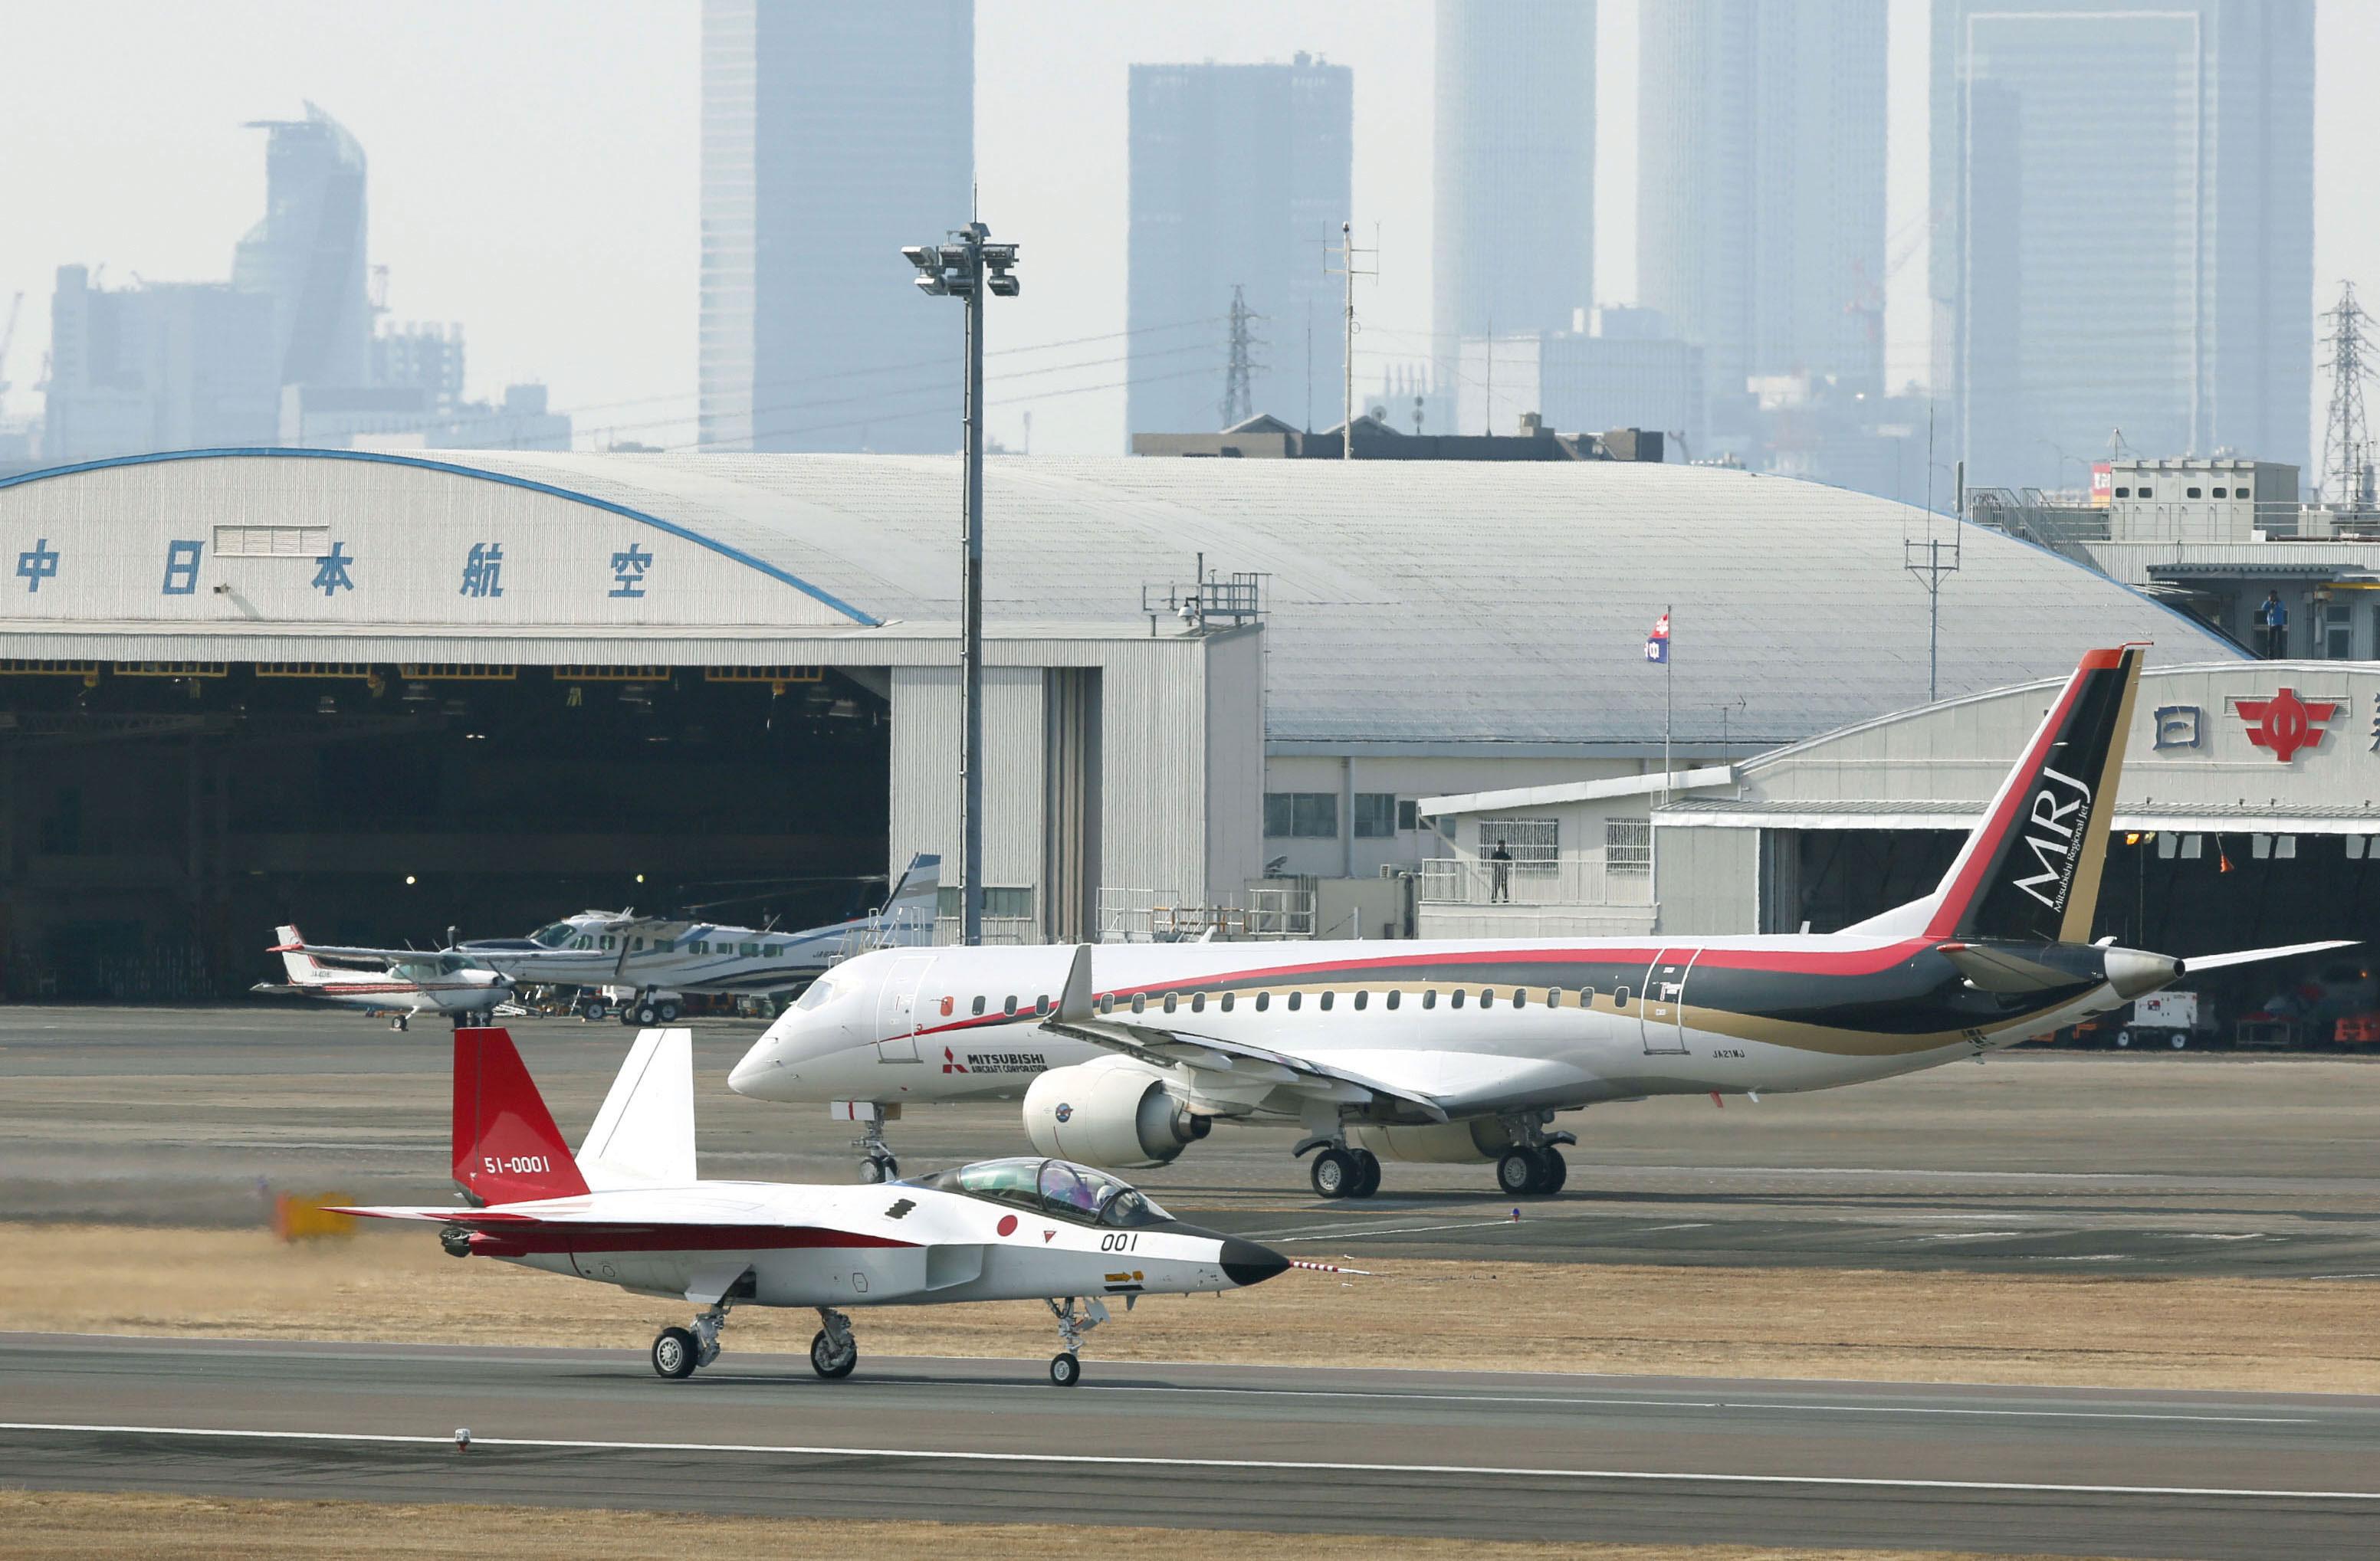 Najnowsze produkty japońskiego przemysłu lotniczego – demonstrator technologii wielozadaniowego samolotu bojowego Mitsubishi X-2 i pierwszy prototyp samolotu komunikacji regionalnej MRJ.